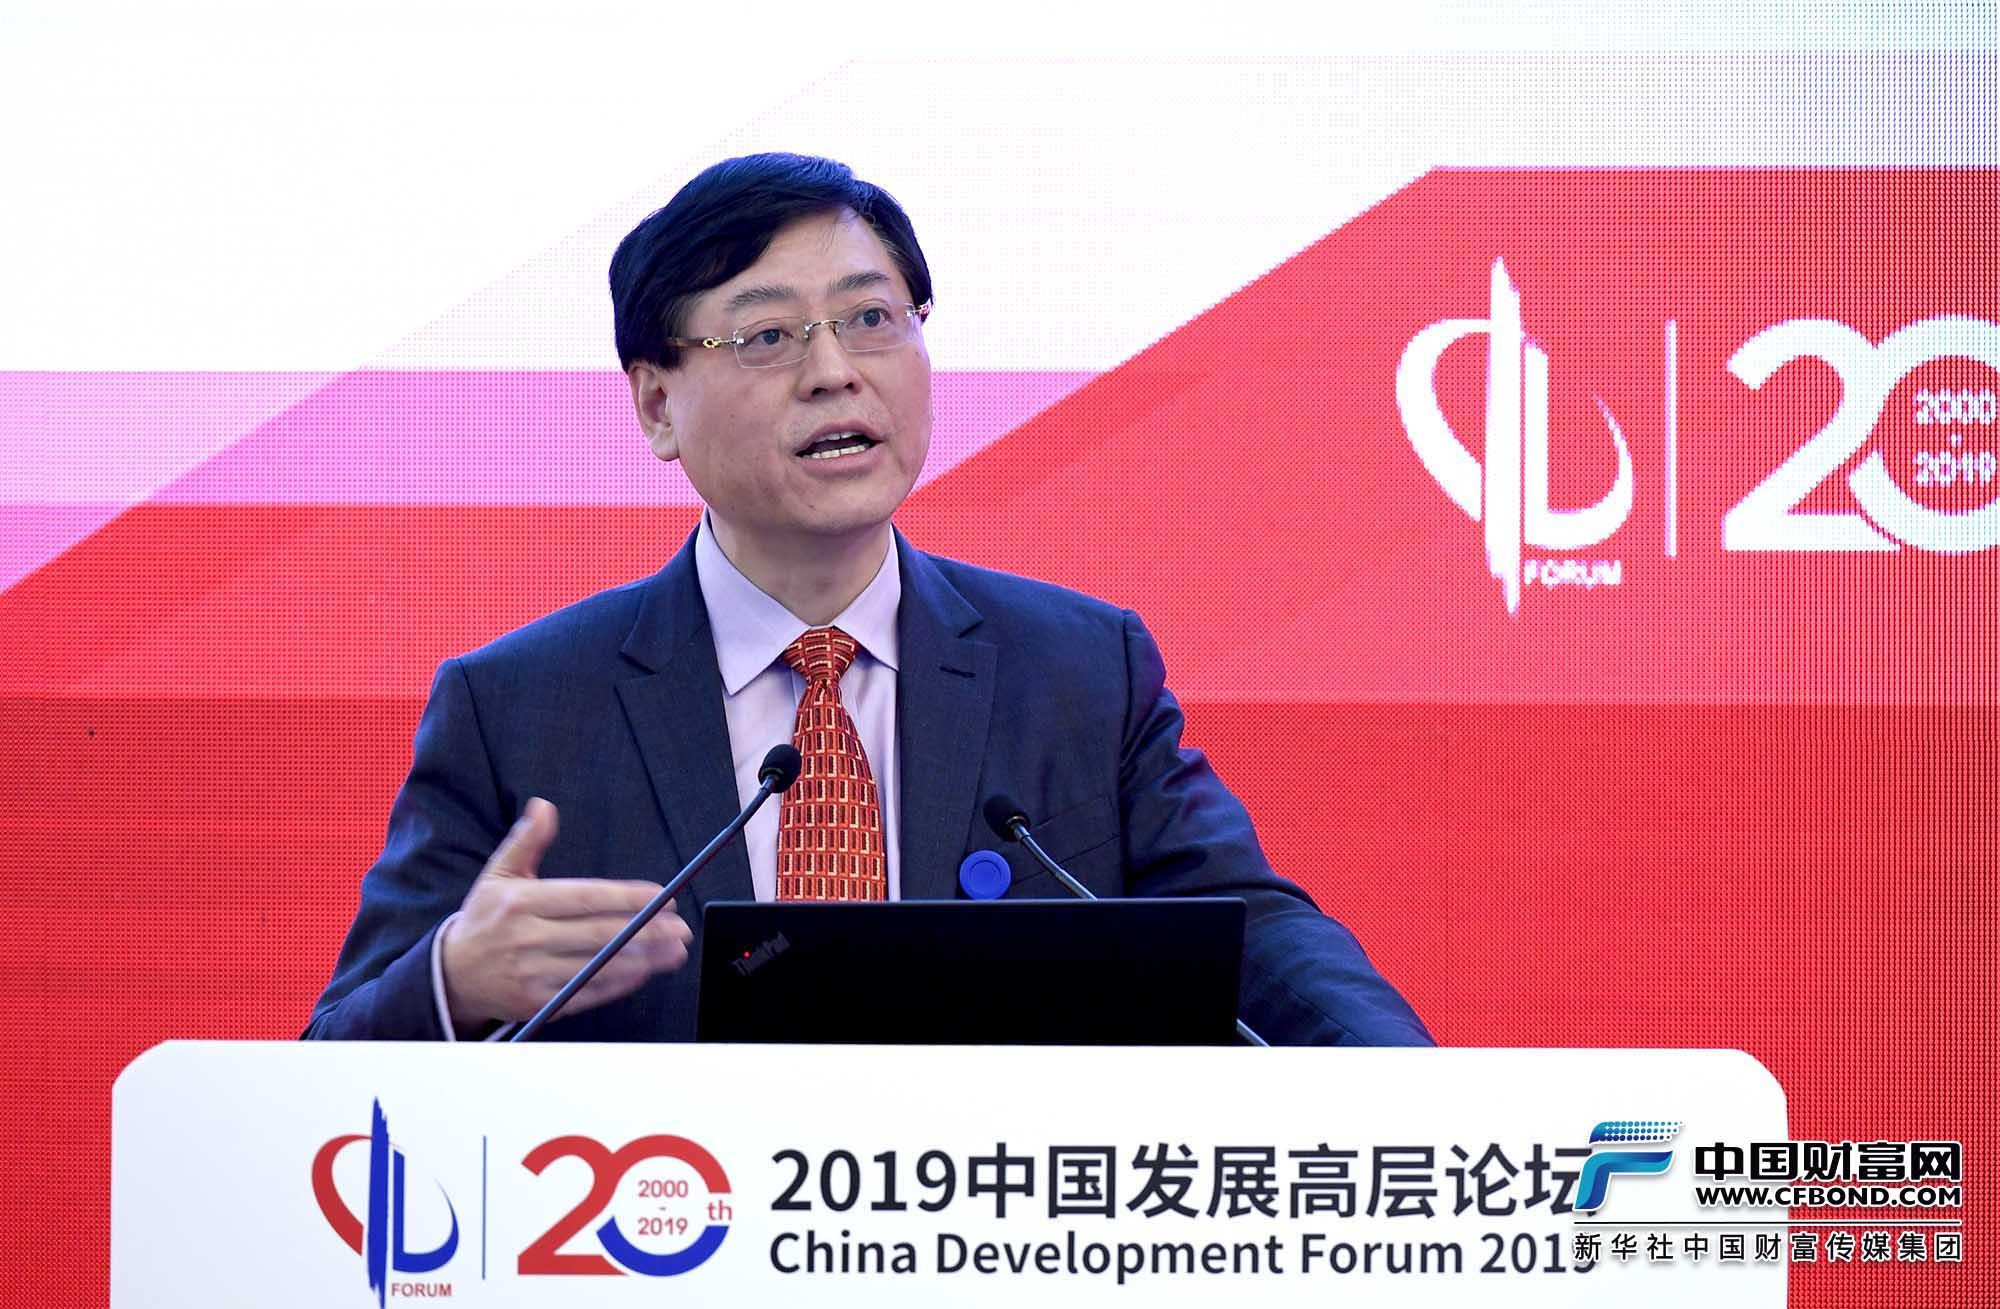 发言:联想集团董事长兼首席执行官杨元庆